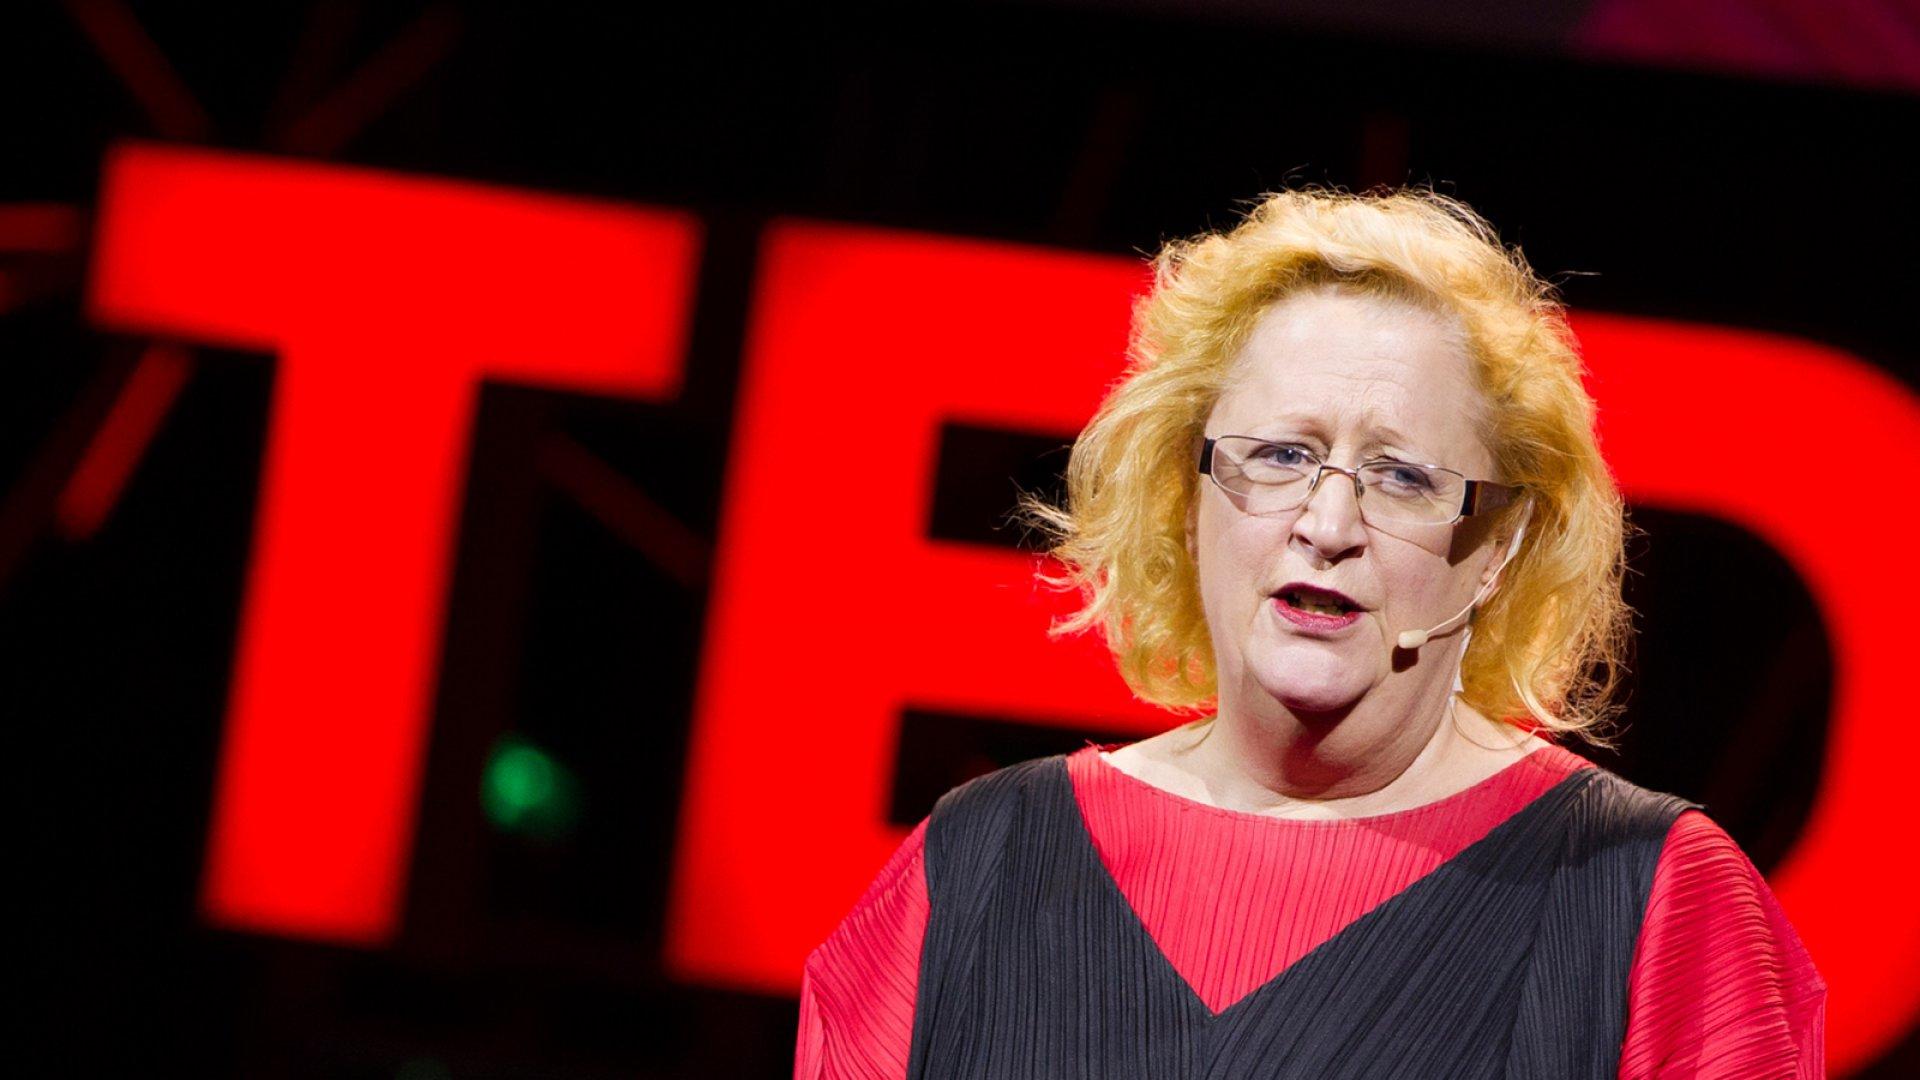 Margaret Heffernan, management thinker, speaks during Session 12: Public Sphere, at TEDGlobal 2012 on Friday, June 29, in Edinburgh, Scotland.